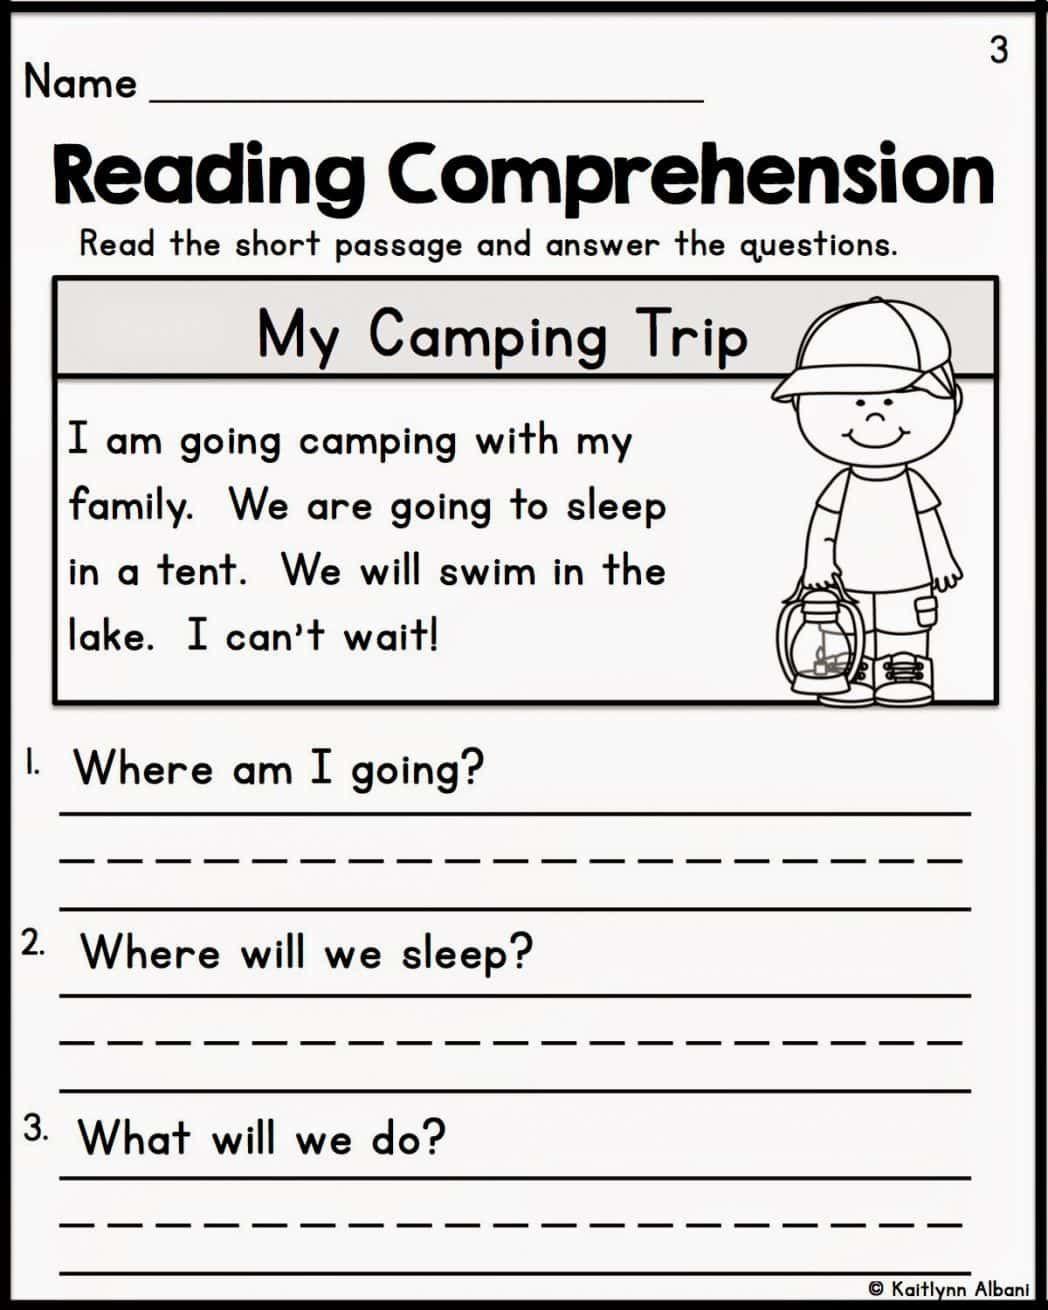 Comprehension Worksheets For Grade 1 Free Reading Comprehension Worksheets 1st Grade Reading Worksheets Free Kindergarten Reading [ 1310 x 1048 Pixel ]